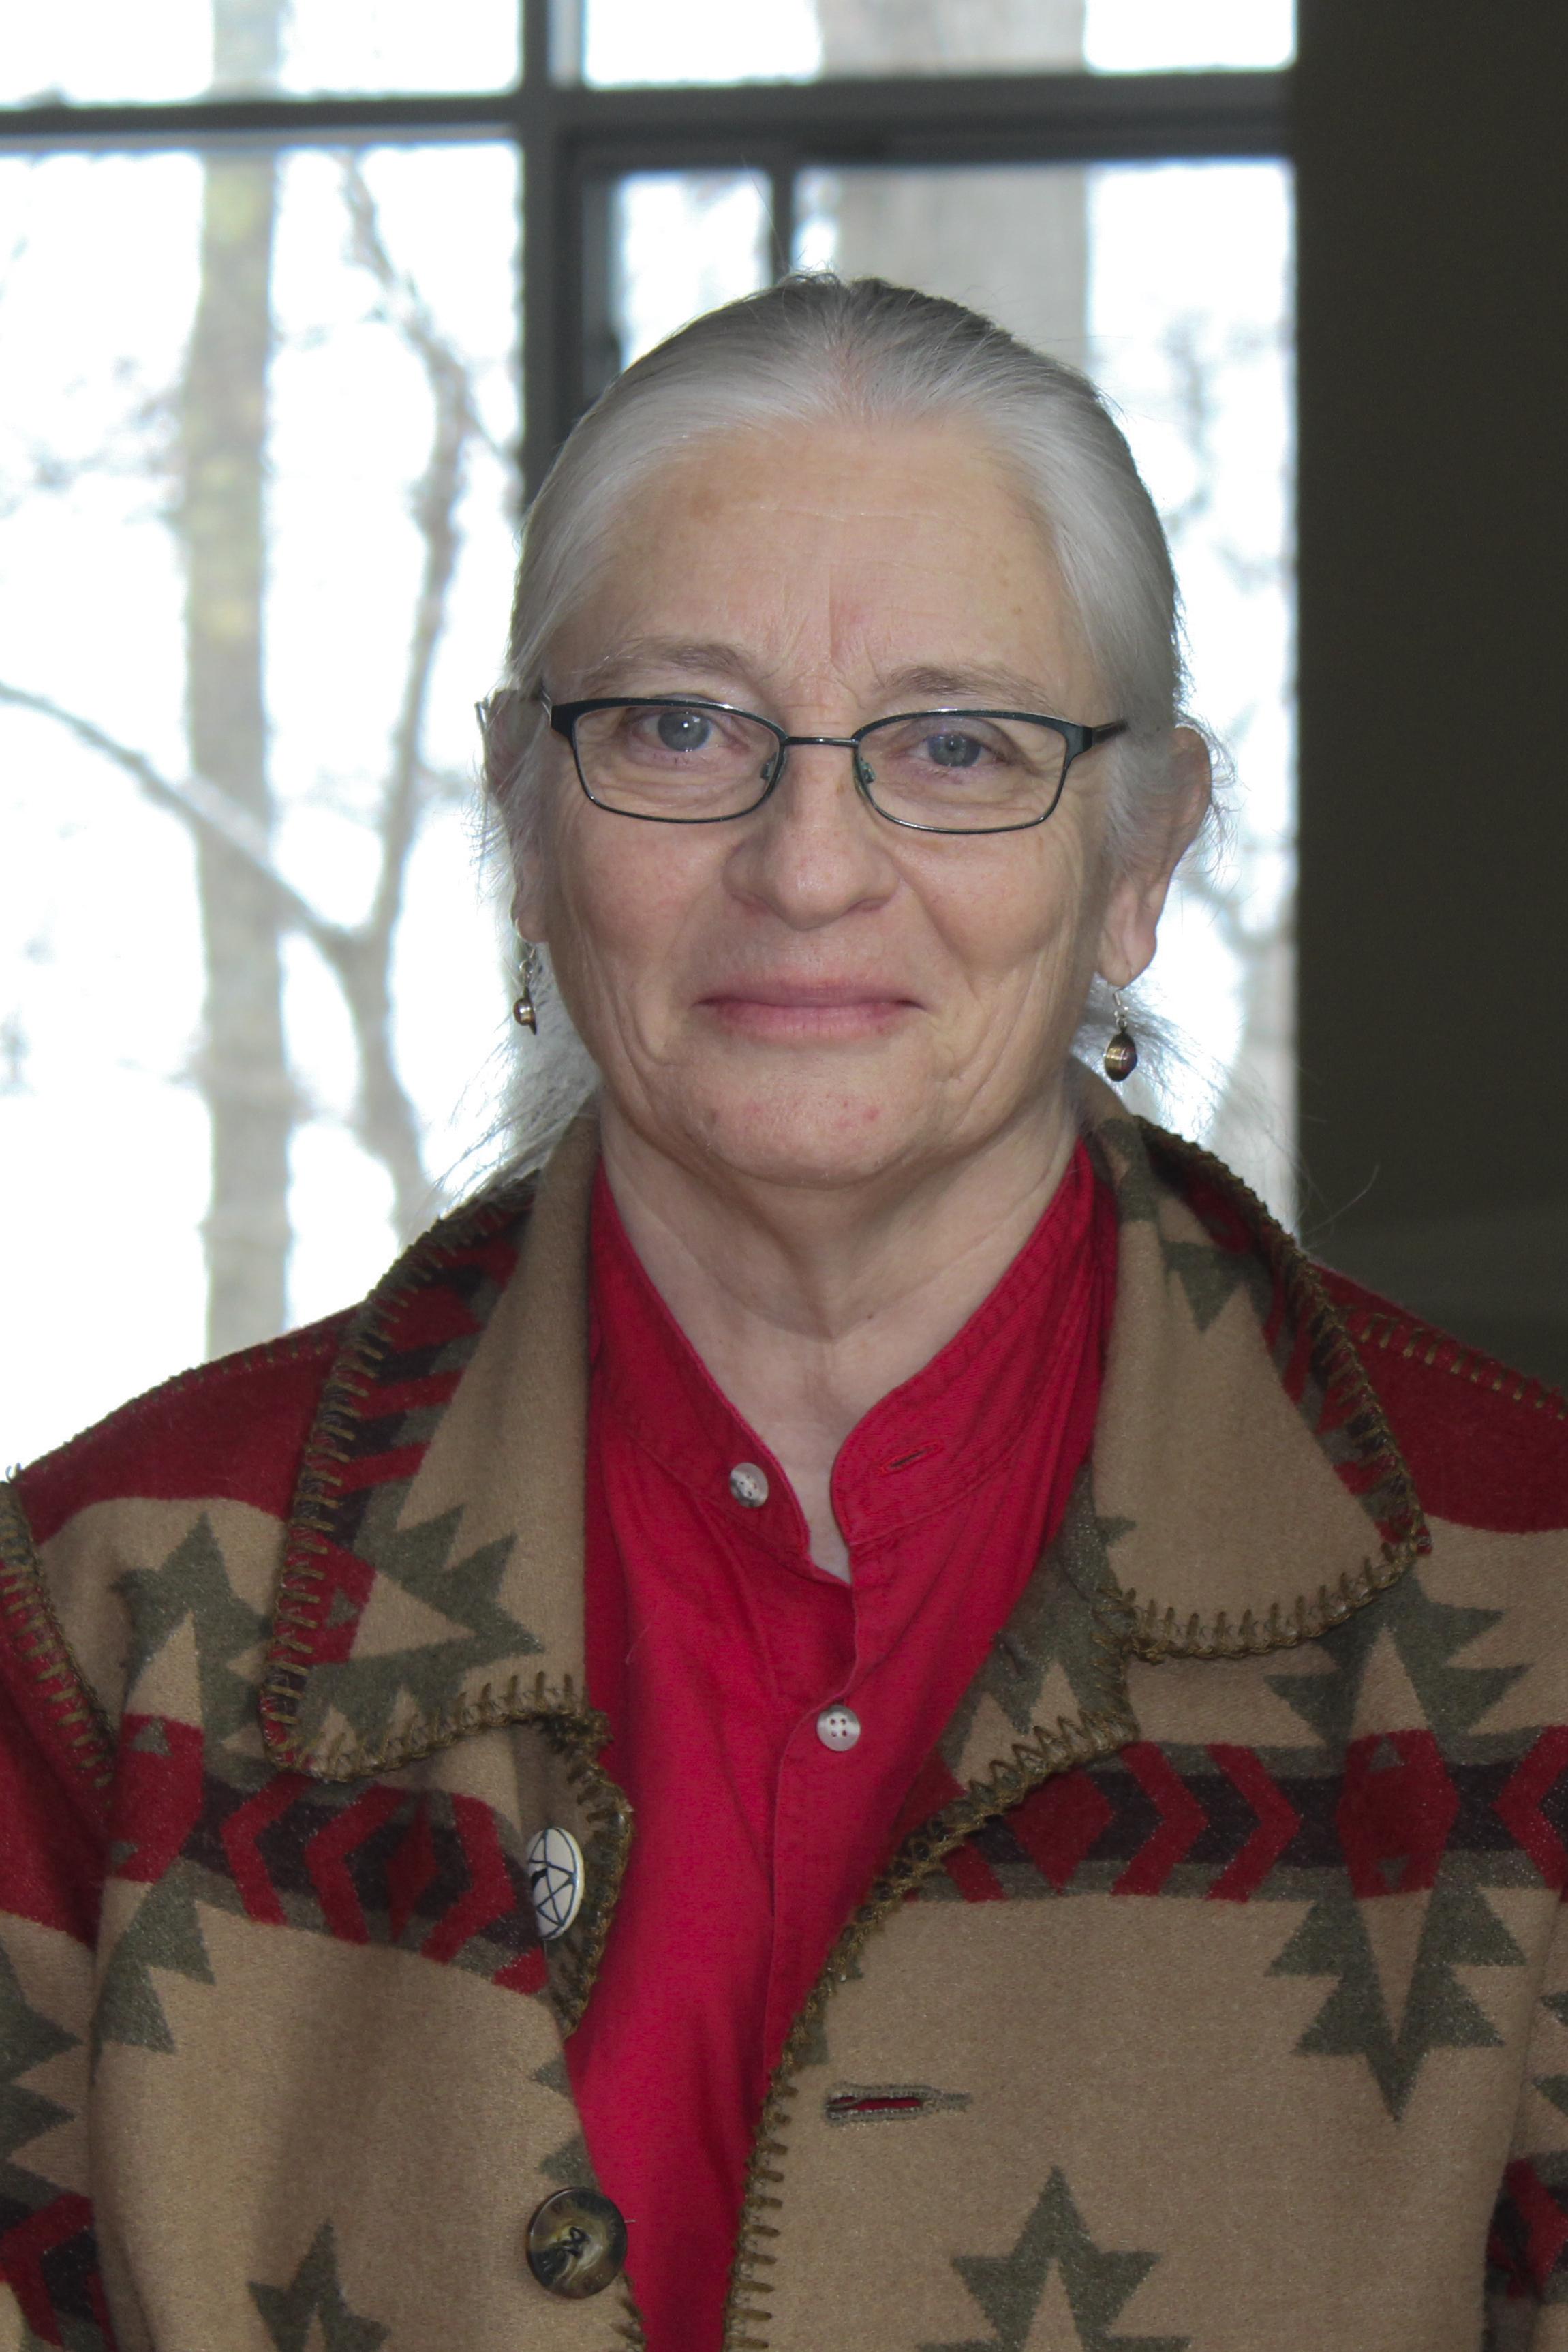 KatieBoardman